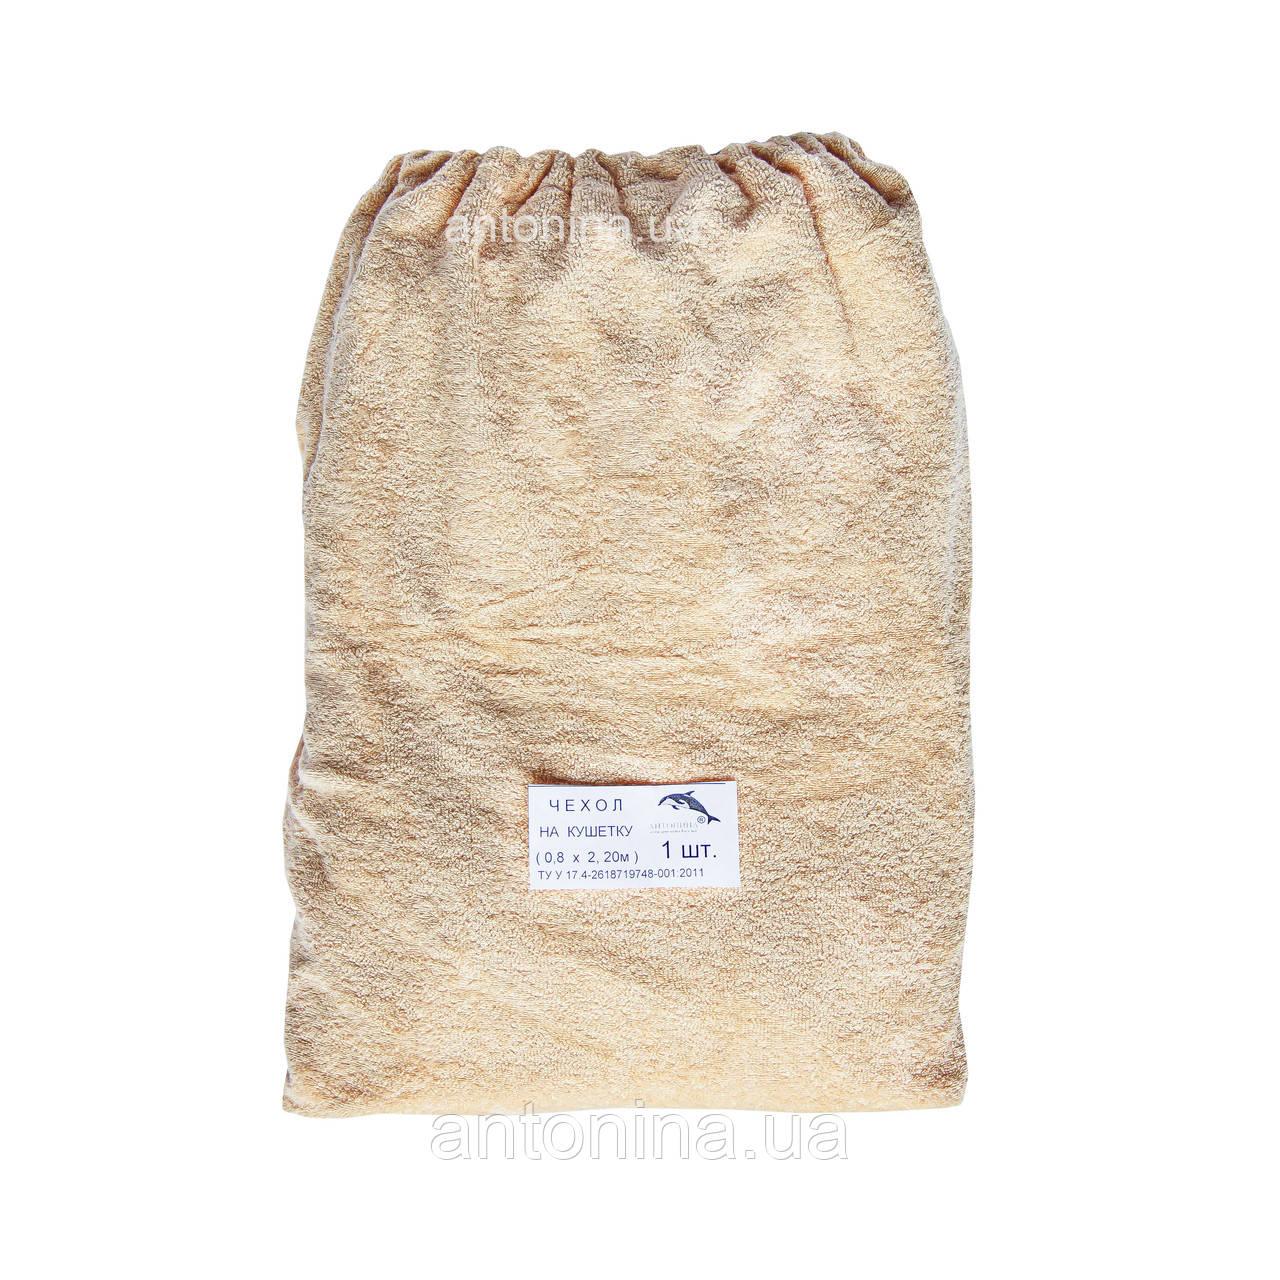 Махровий чохол бежевий х/б на кушетку 1,0 х 2,20 м (гумка)